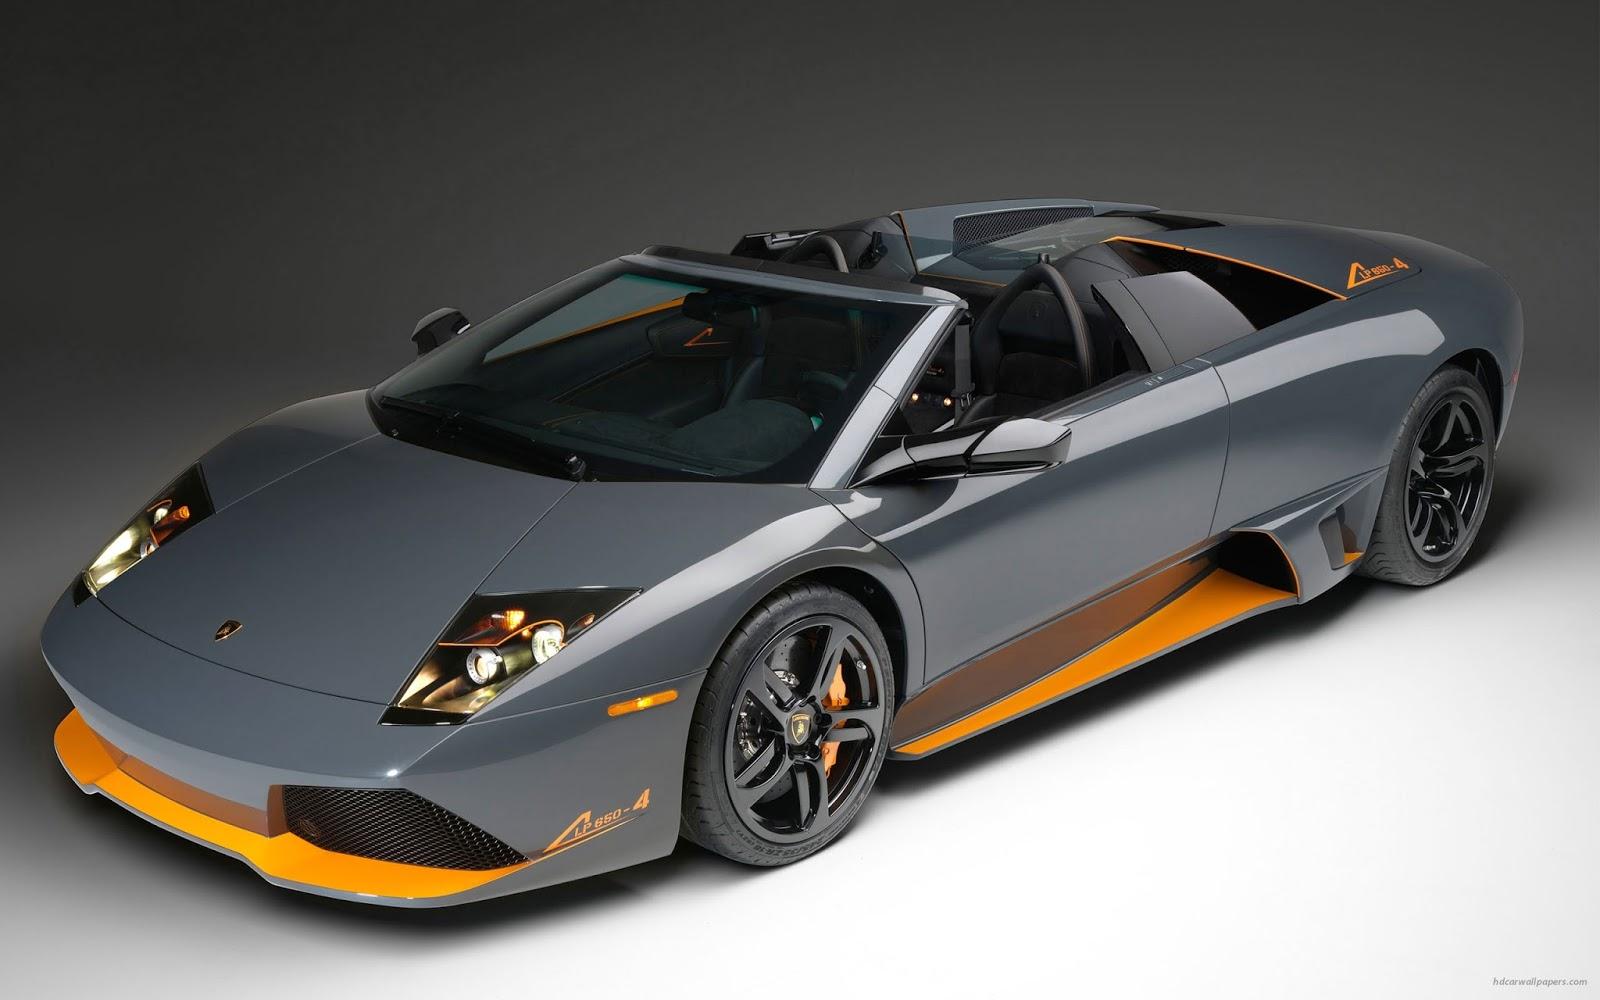 HD Lamborghini Murcielago Wallpaper